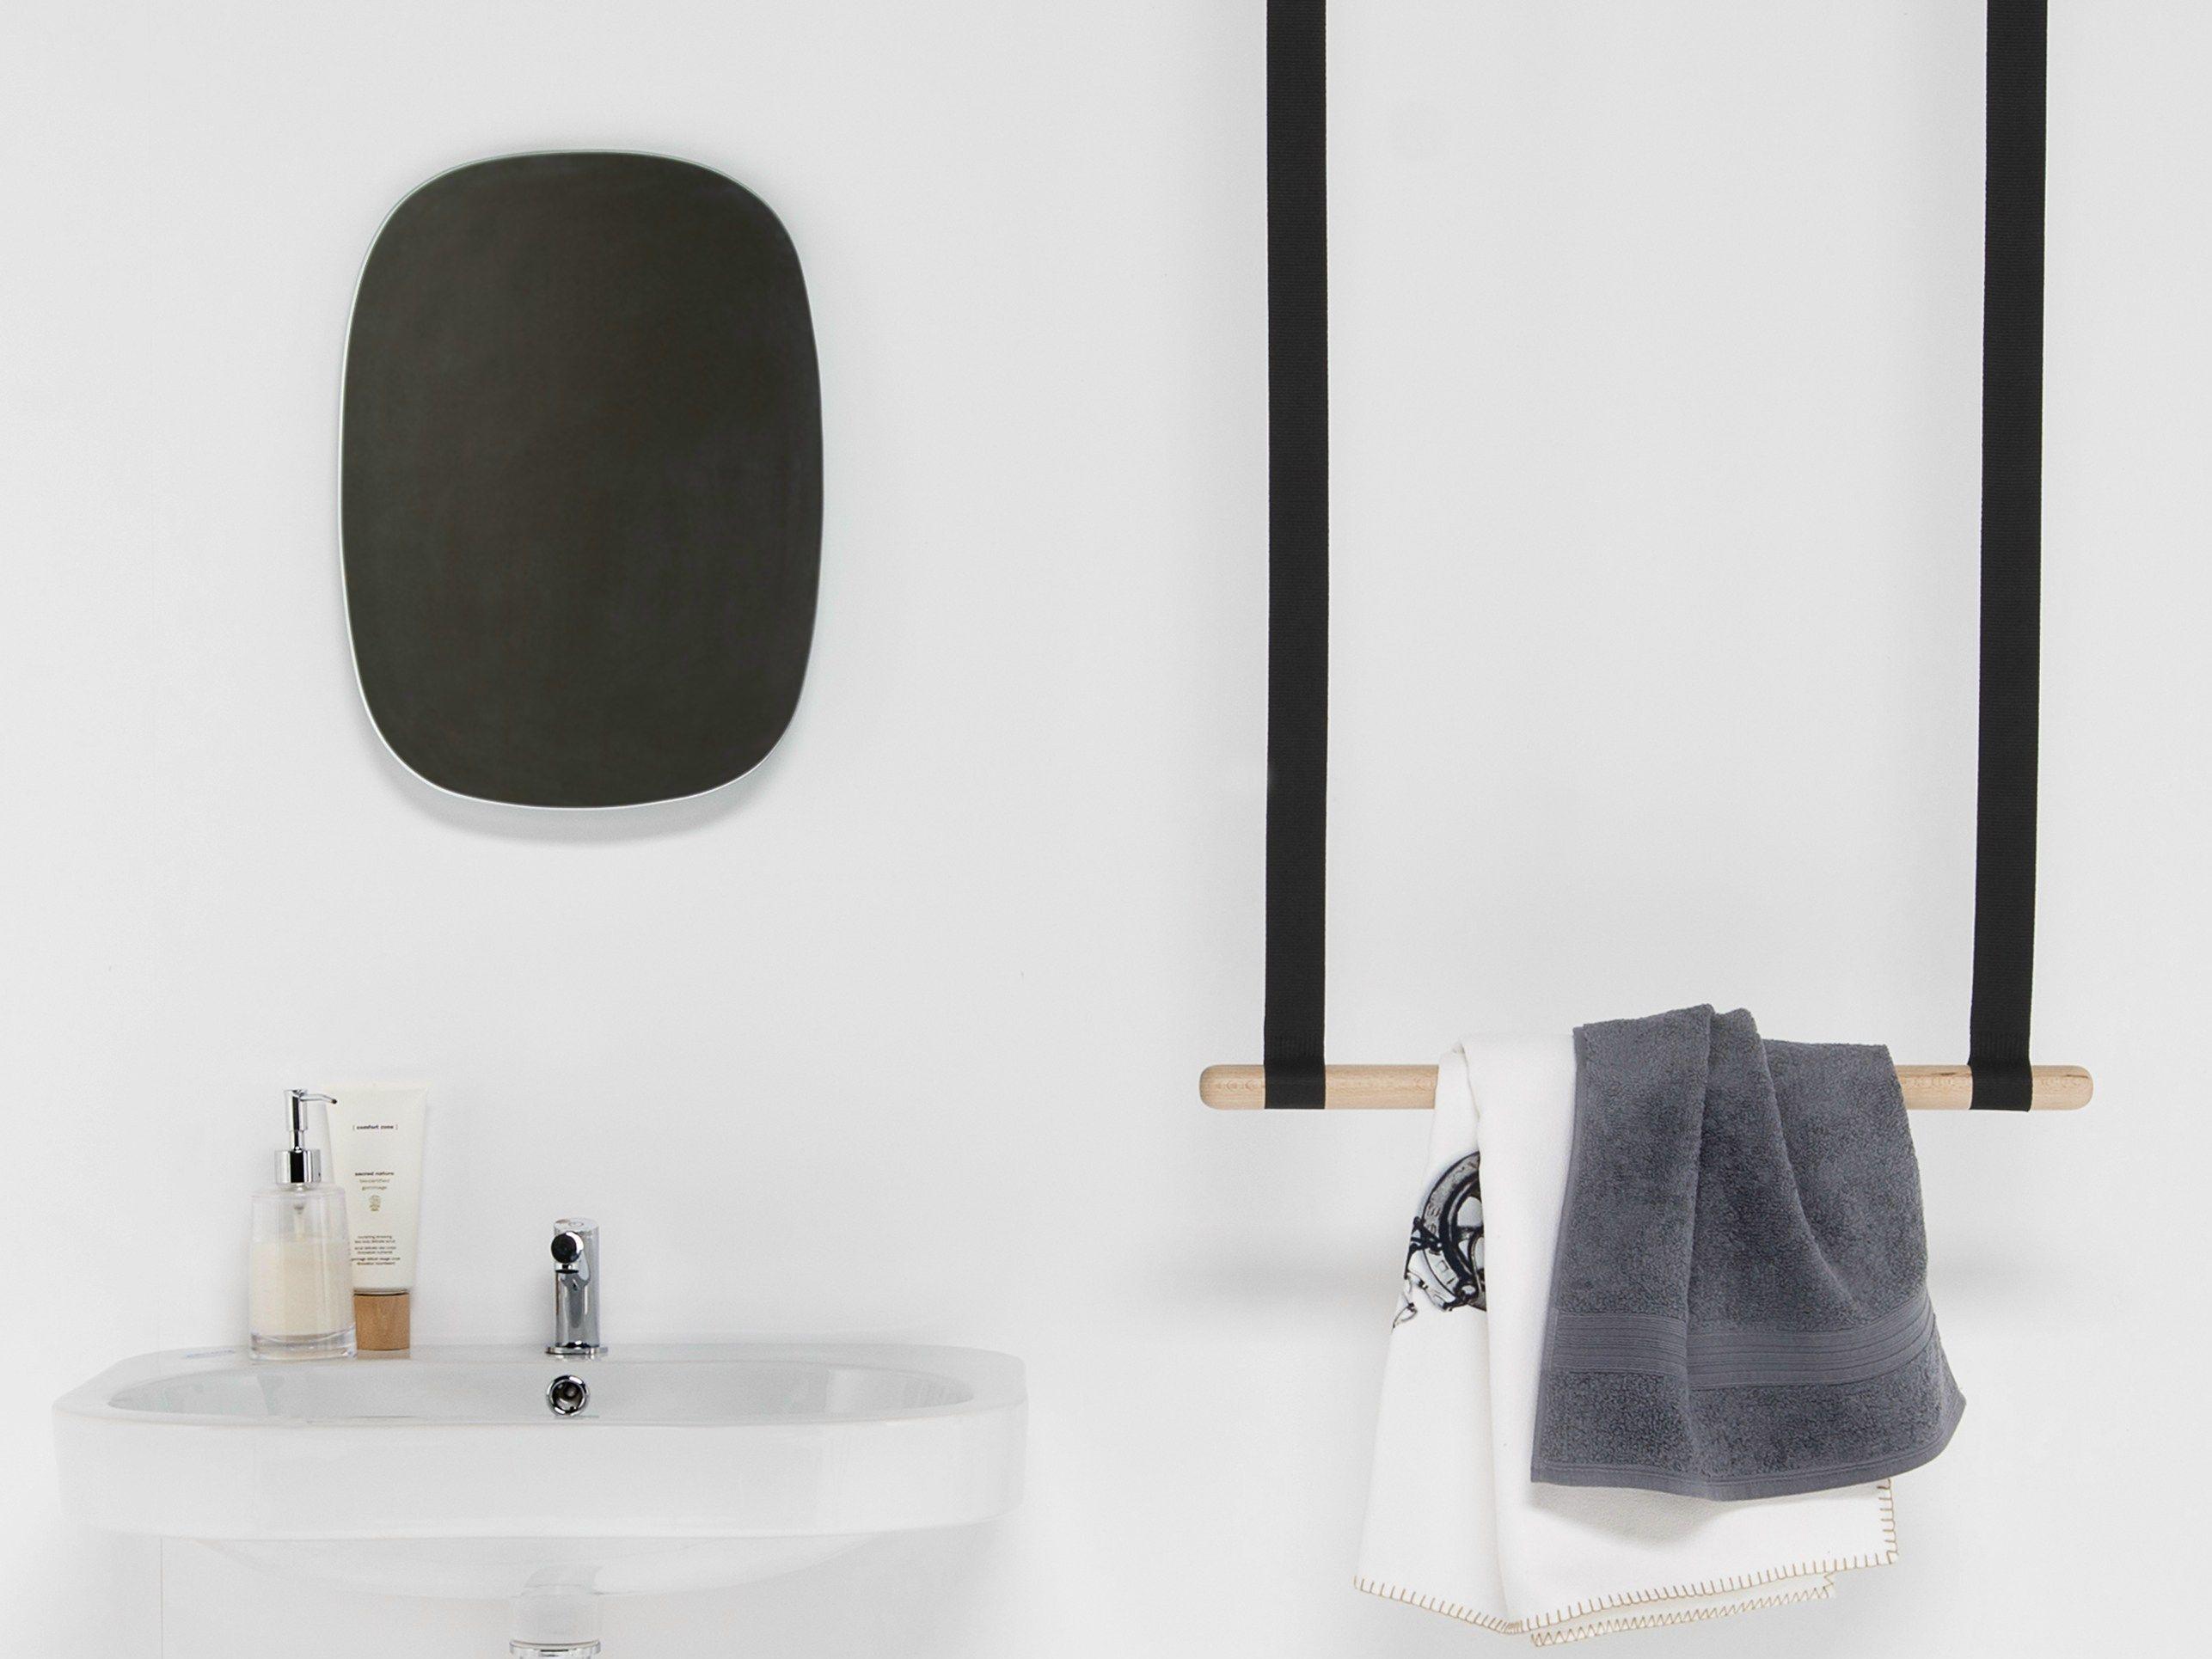 Porta asciugamani a barra da soffitto in faggio gambol porta asciugamani a barra ever by - Portapentole da soffitto ...